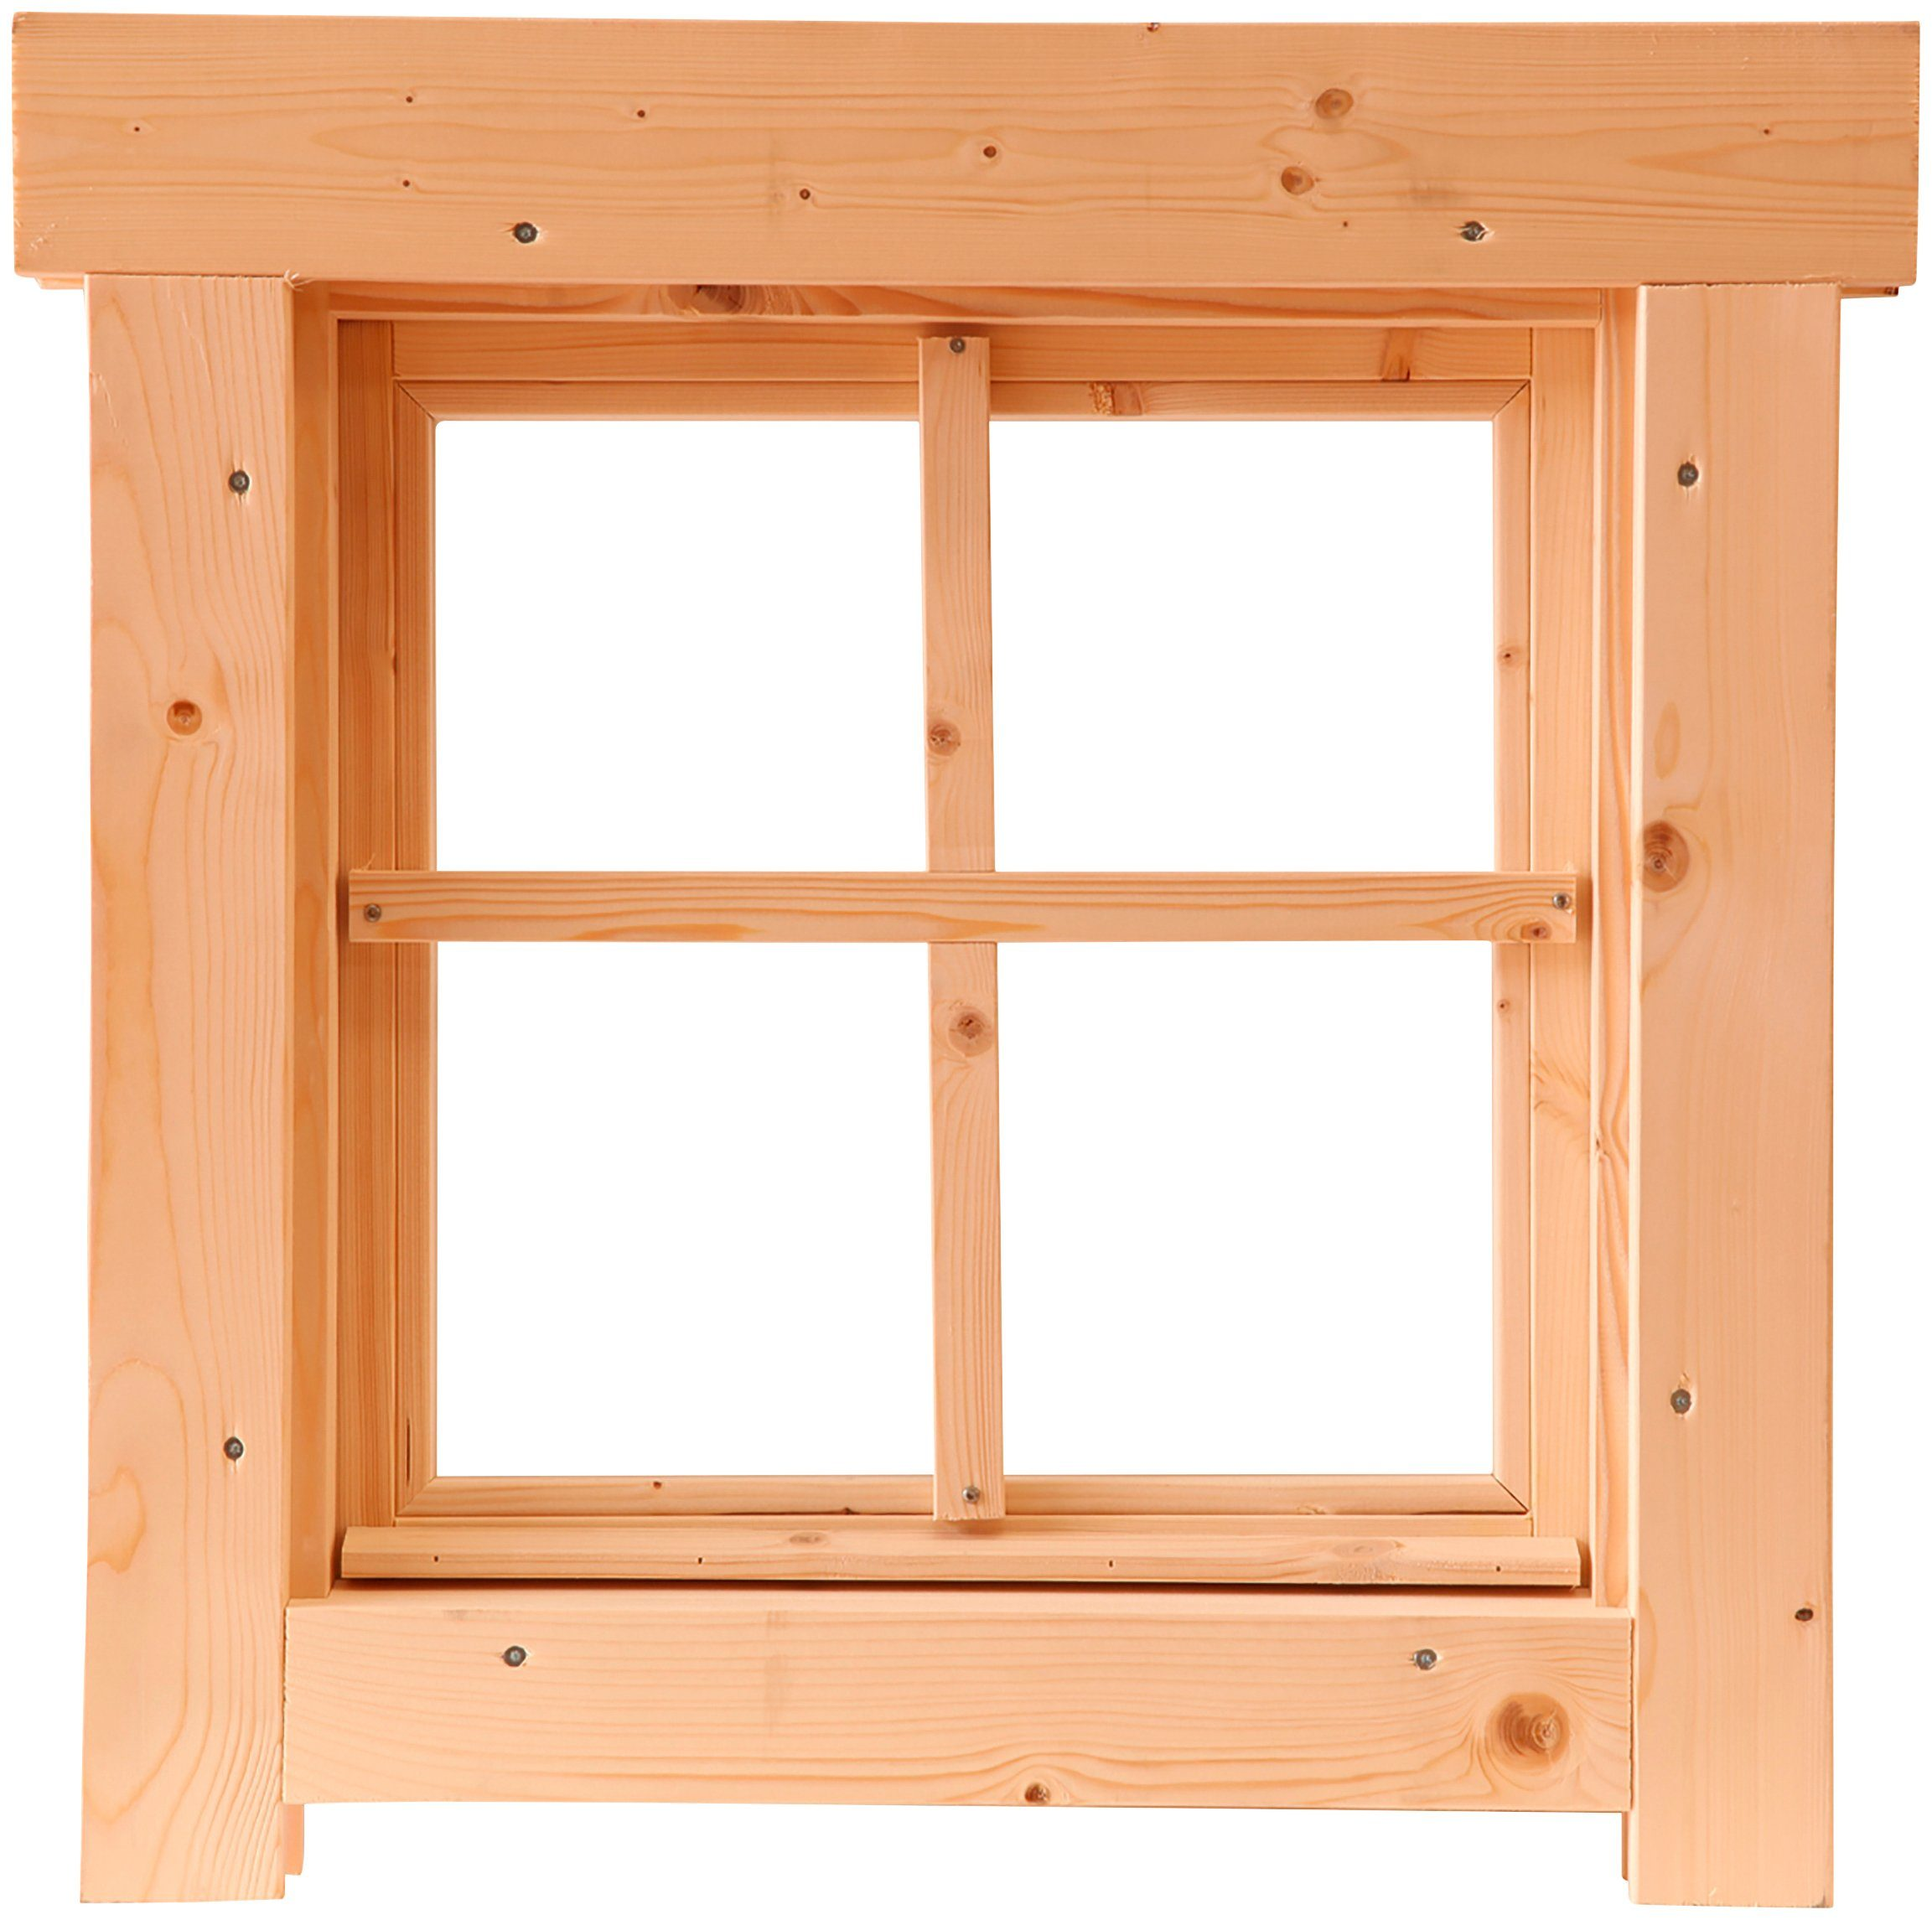 WOLFF Fenster »Tanja 44«, BxH: 54x54 cm